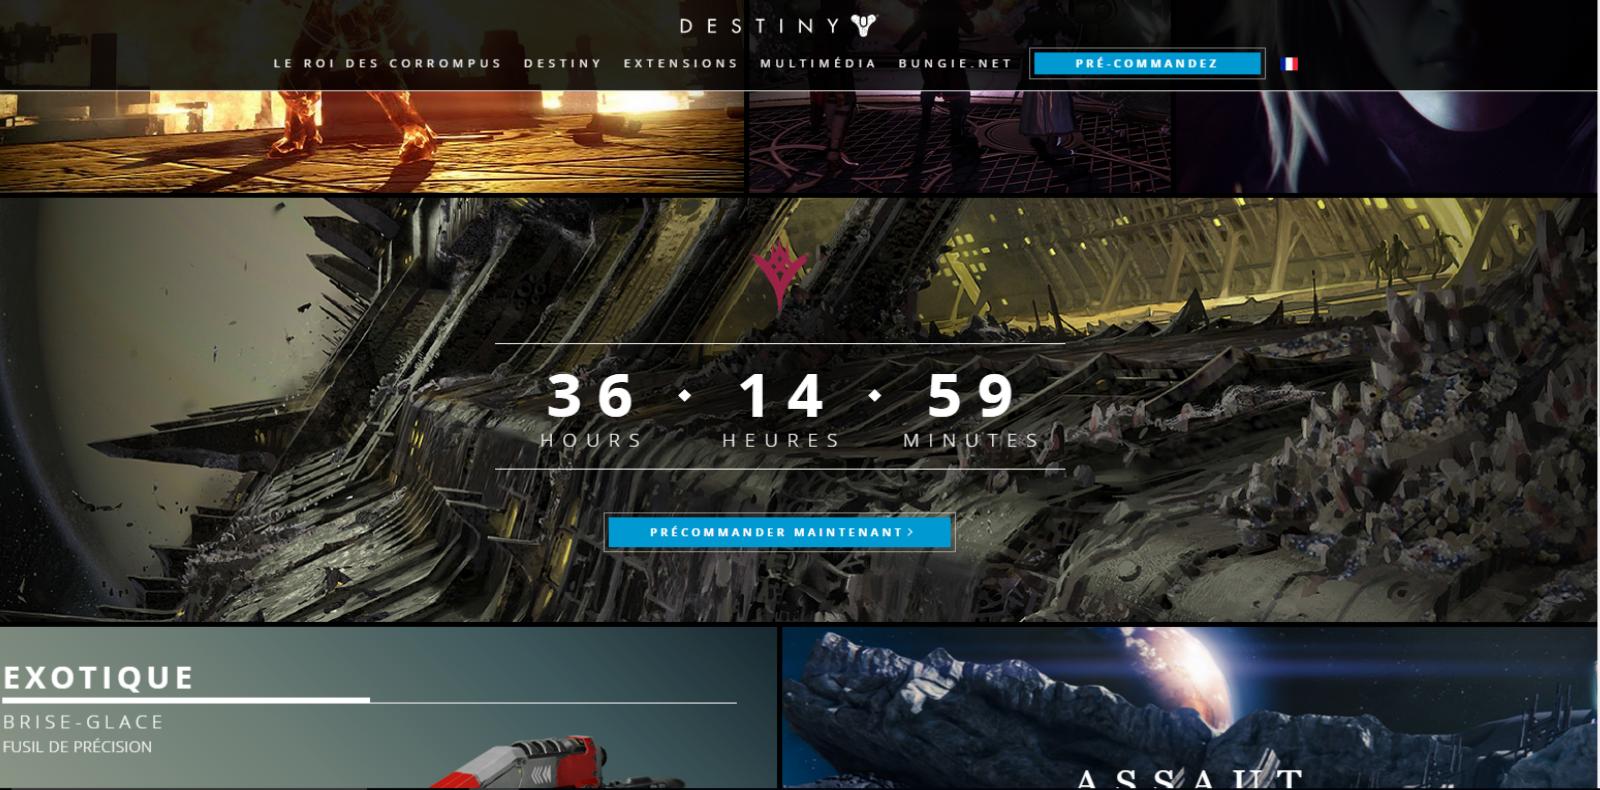 rebours sur le forum Destiny   09 08 2015 151226   jeuxvideocom 1600x790